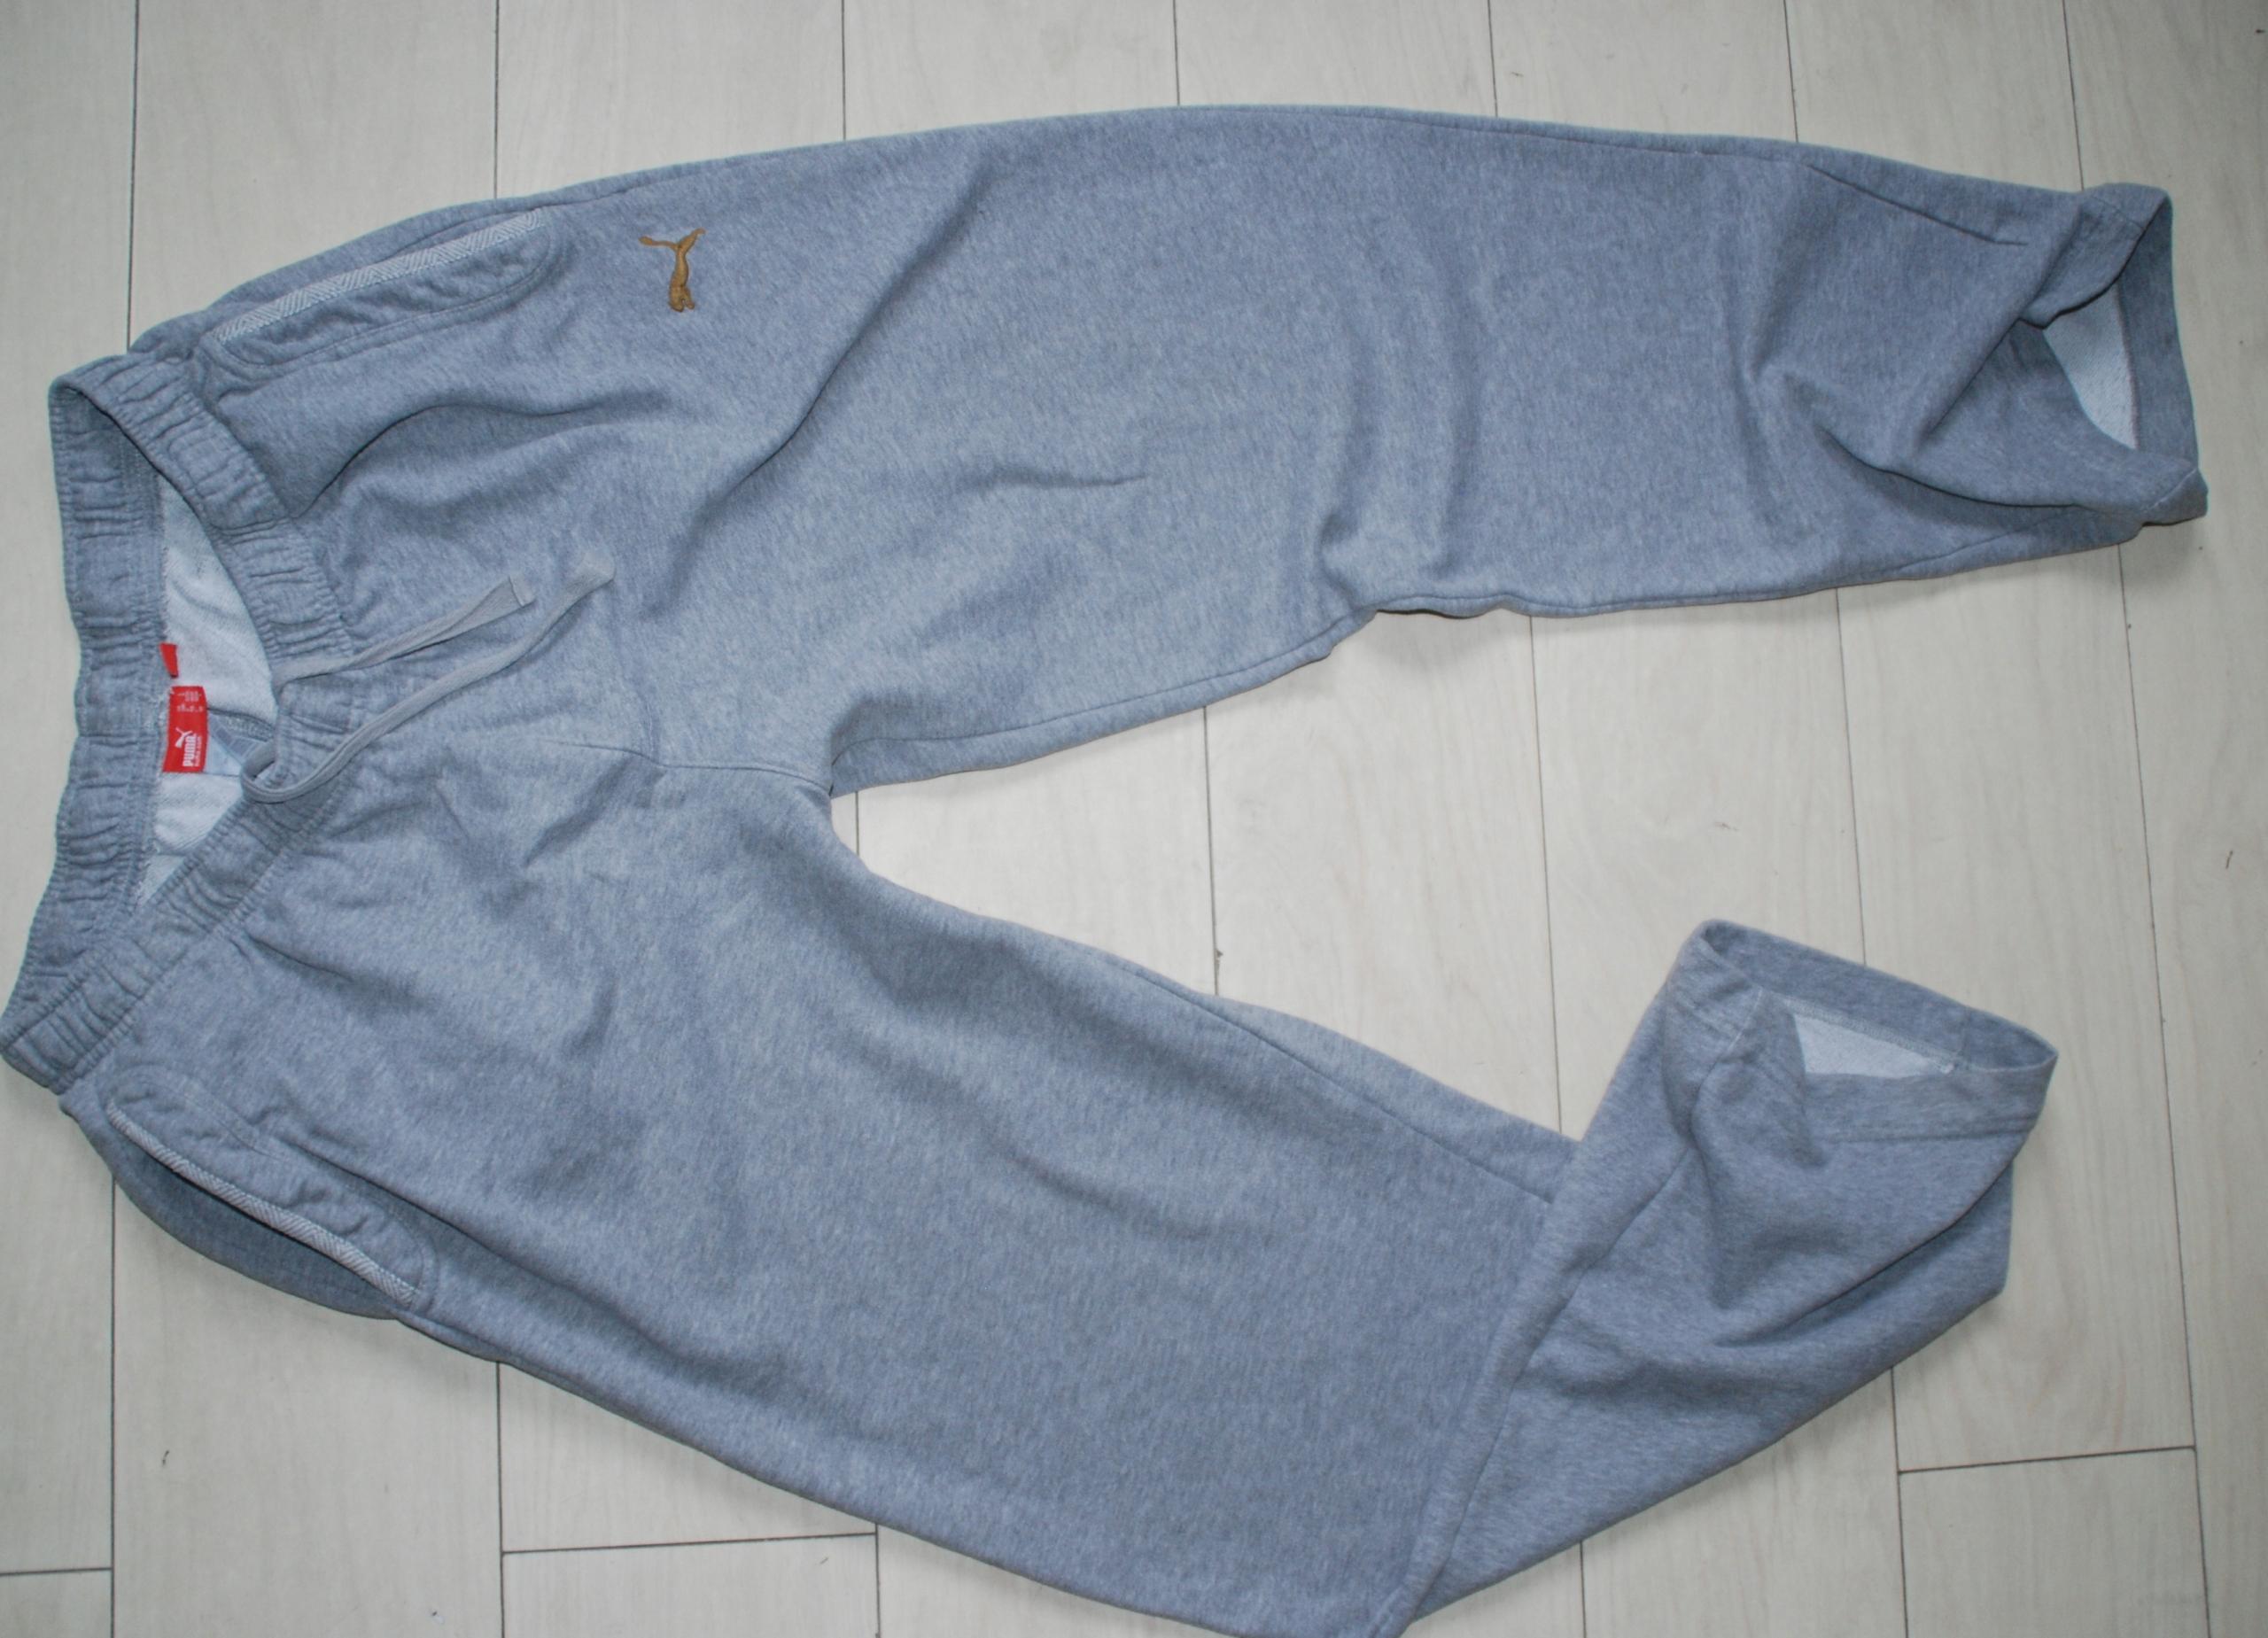 PUMA _ L _ szare spodnie dresowe bawełniane bdb